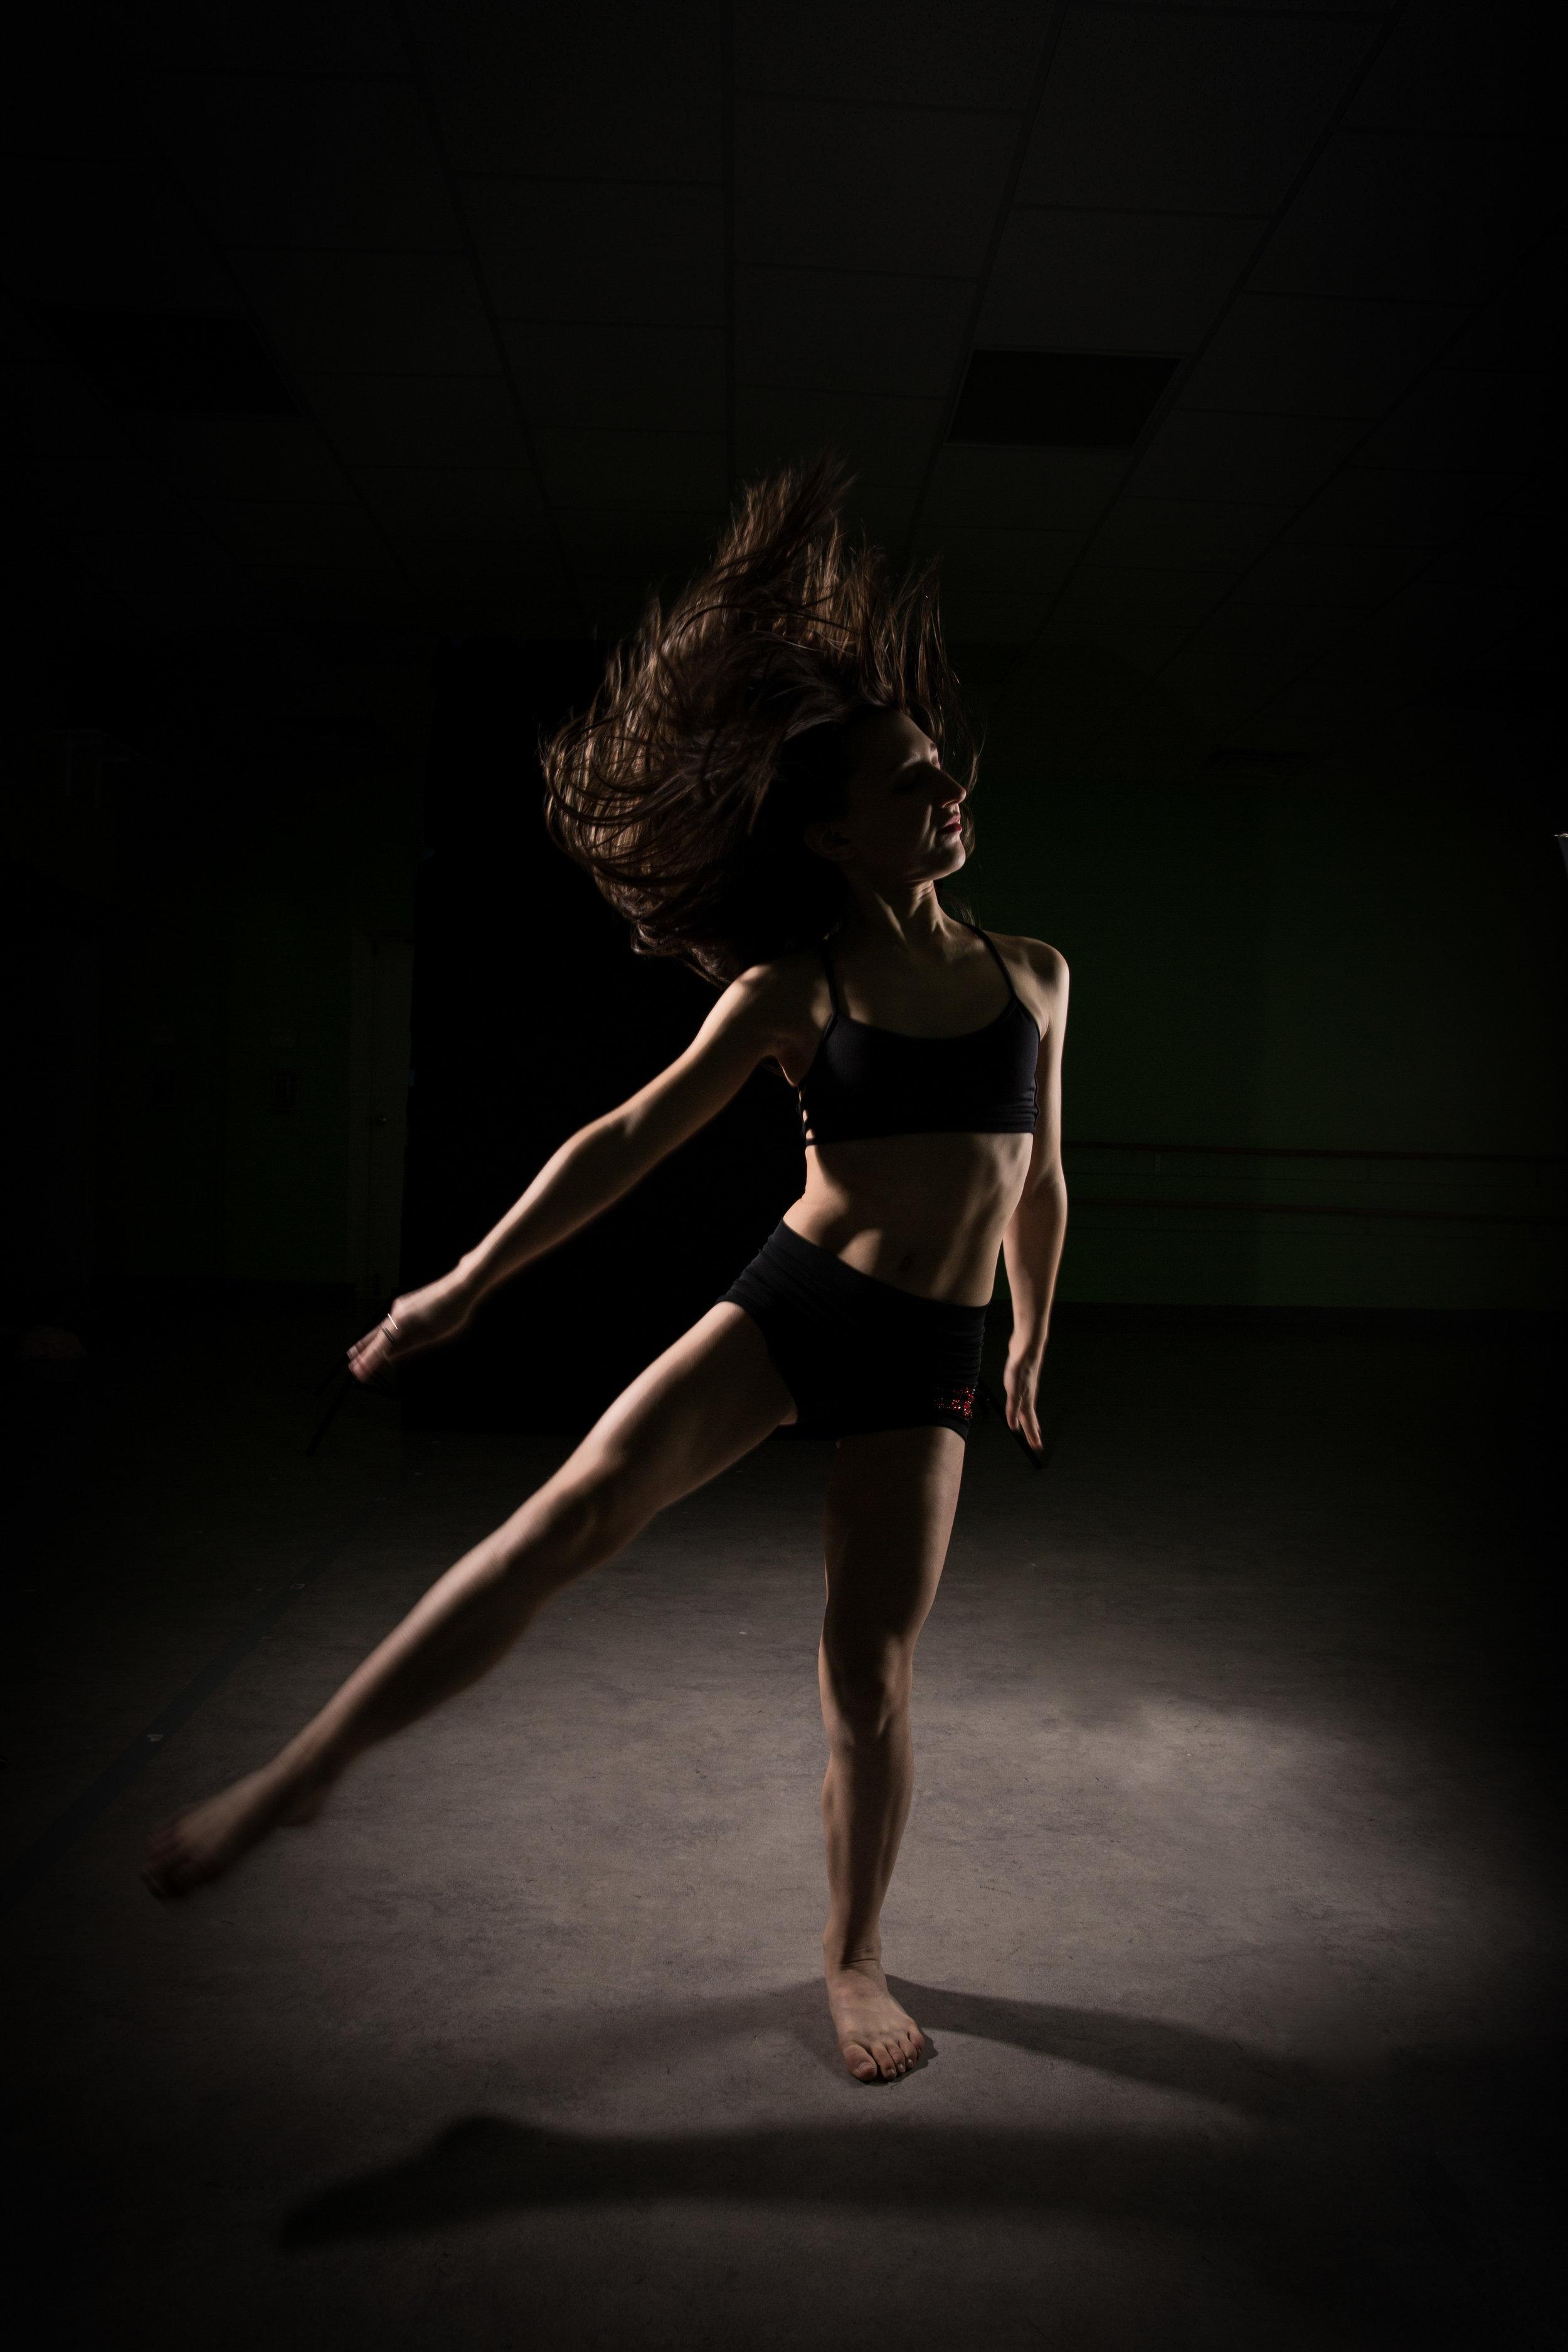 LR_Express_Dancer_Series-36.jpg